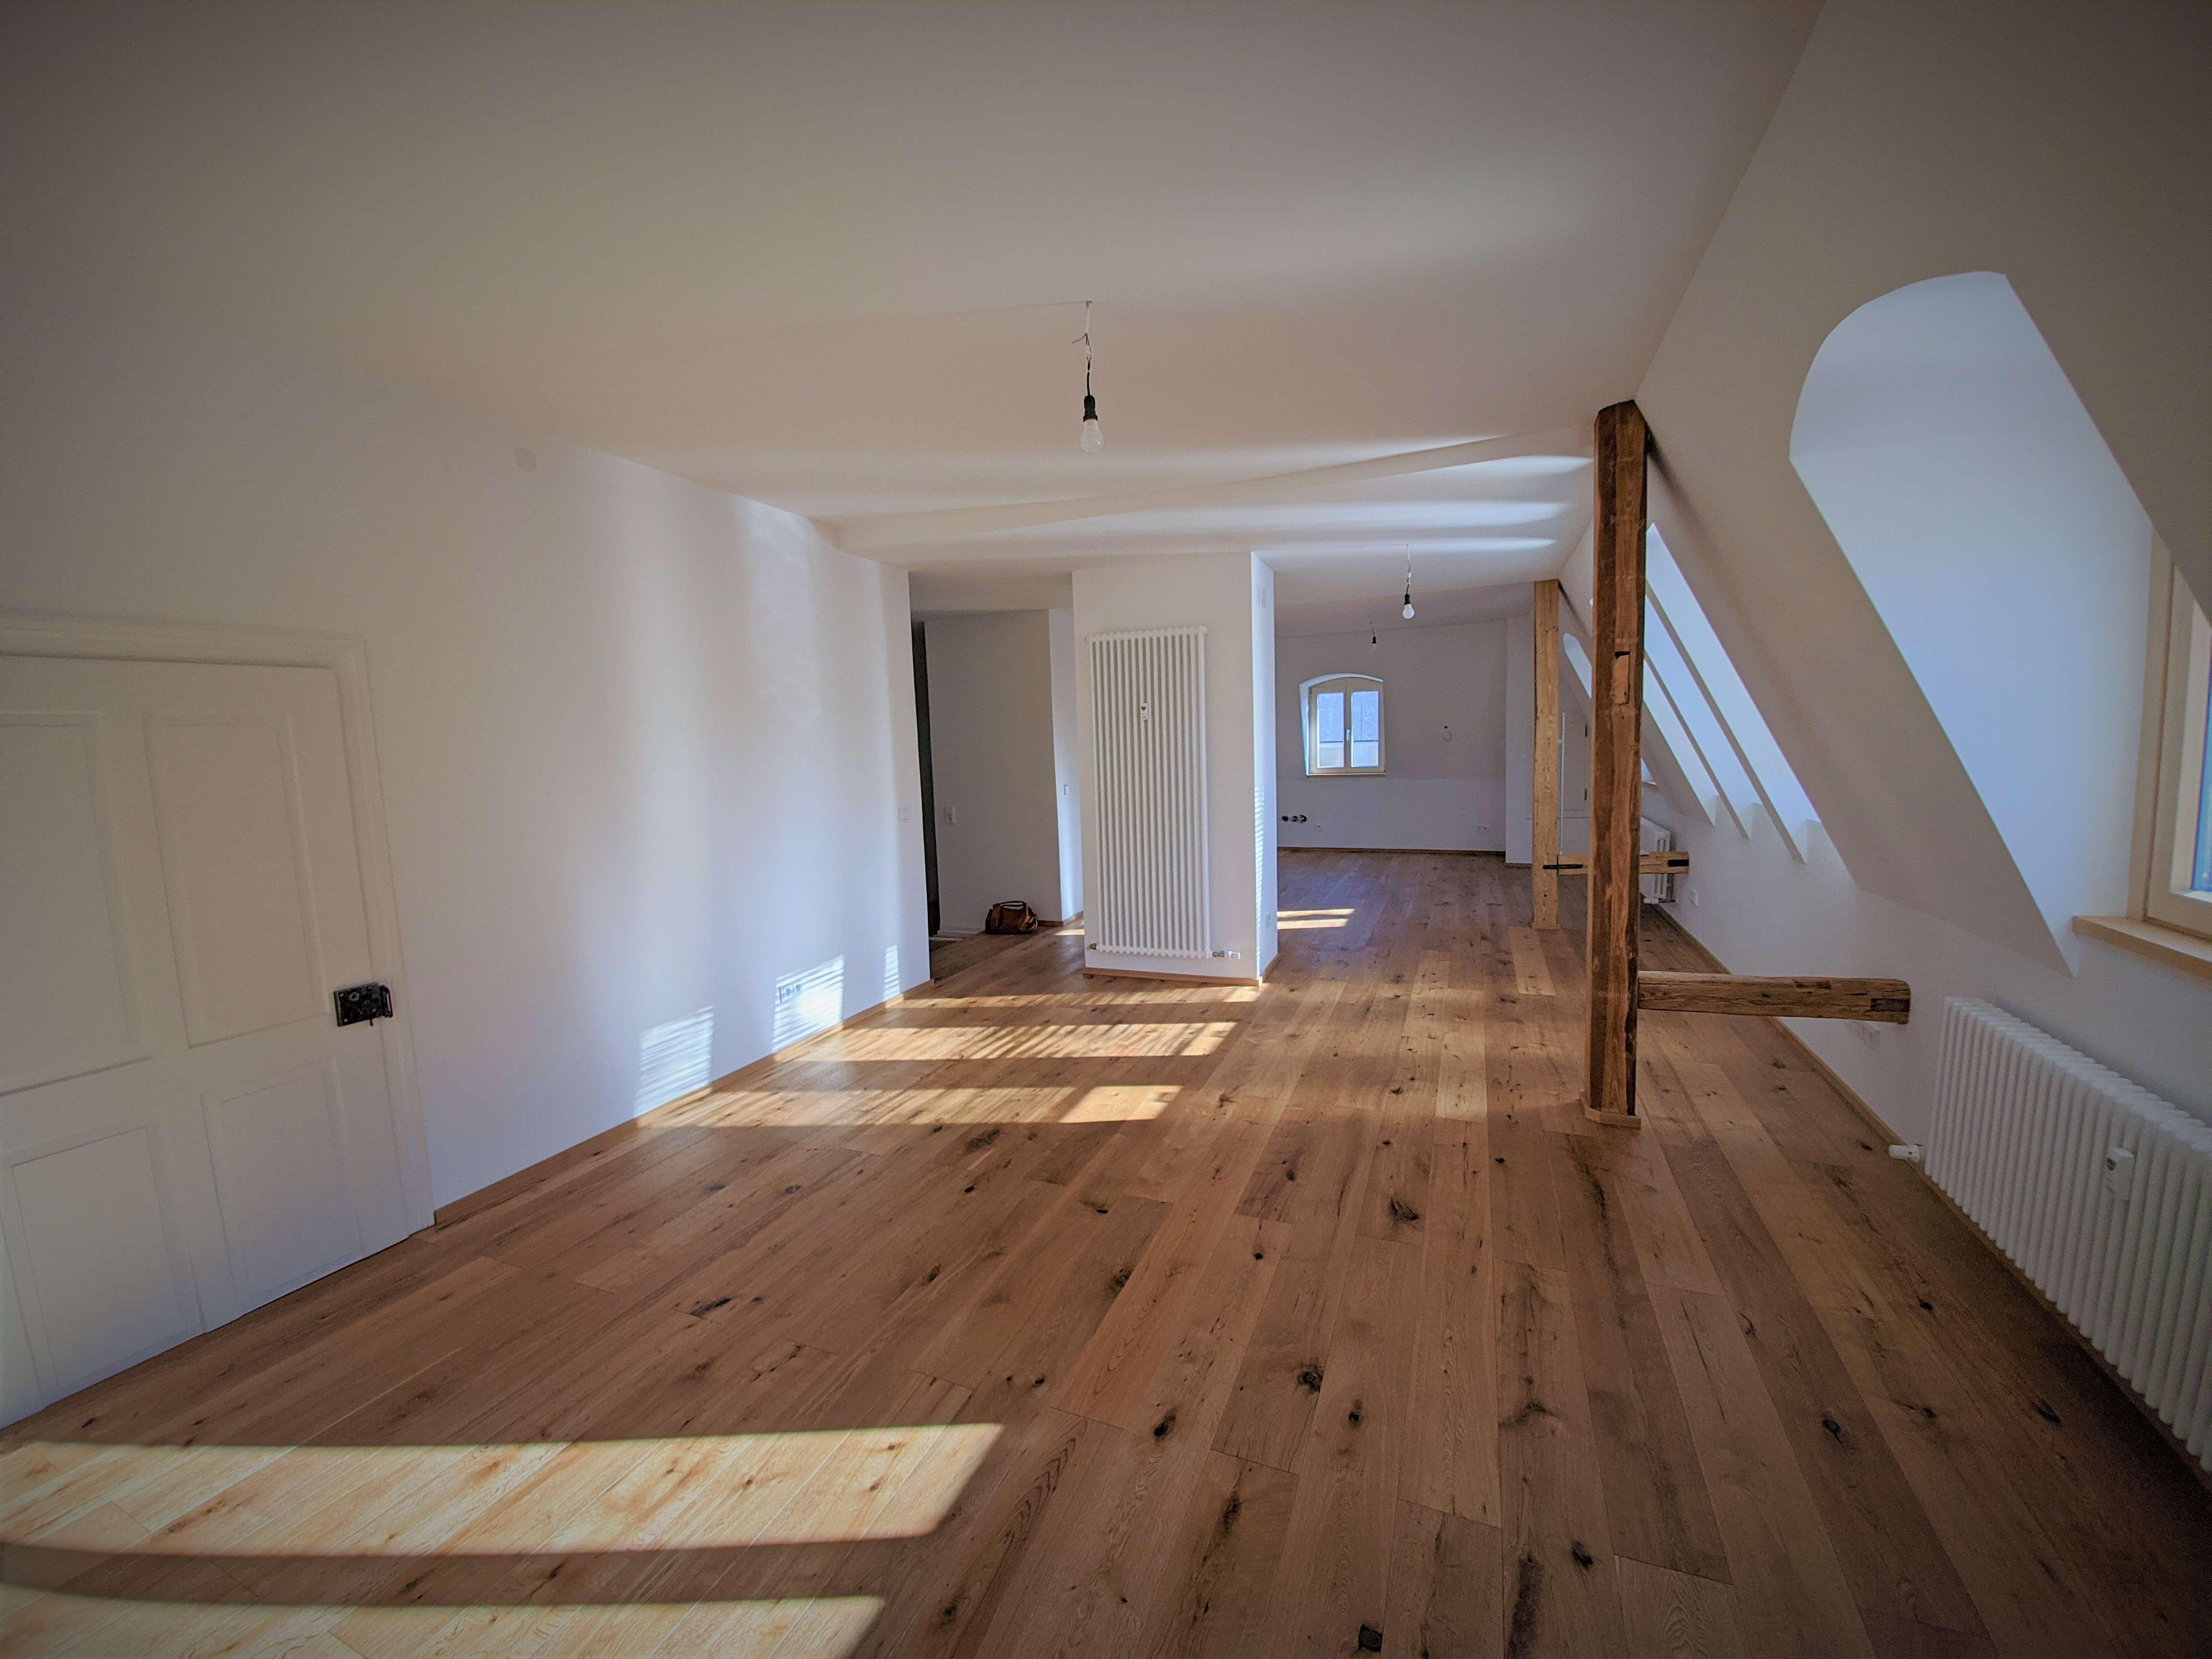 Helle, großzügige 4-Zimmer Wohnung in Kempten (Allgäu), Innenstadt in